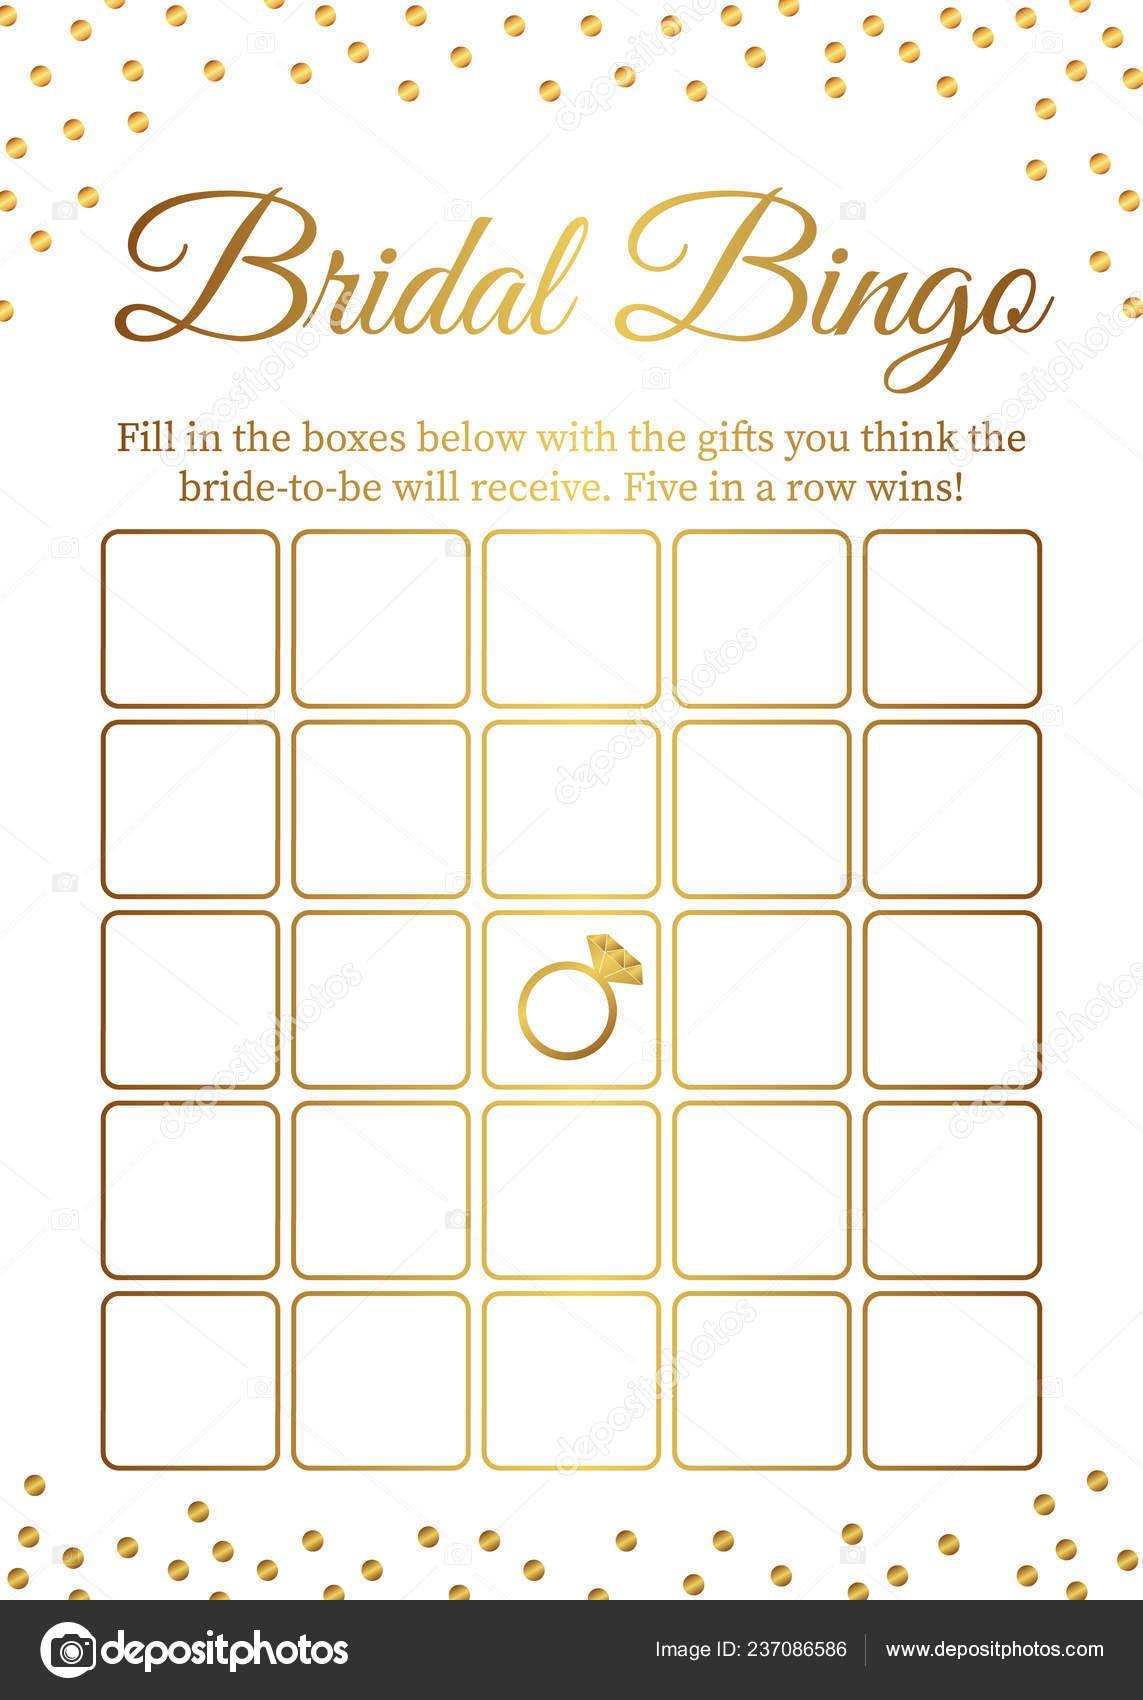 Pictures Bingo Funny Bridal Bingo Card Template Bridal In Blank Bridal Shower Bingo Template Best Tem Bingo Card Template Bridal Bingo Bridal Shower Bingo Bridal bingo free template blank